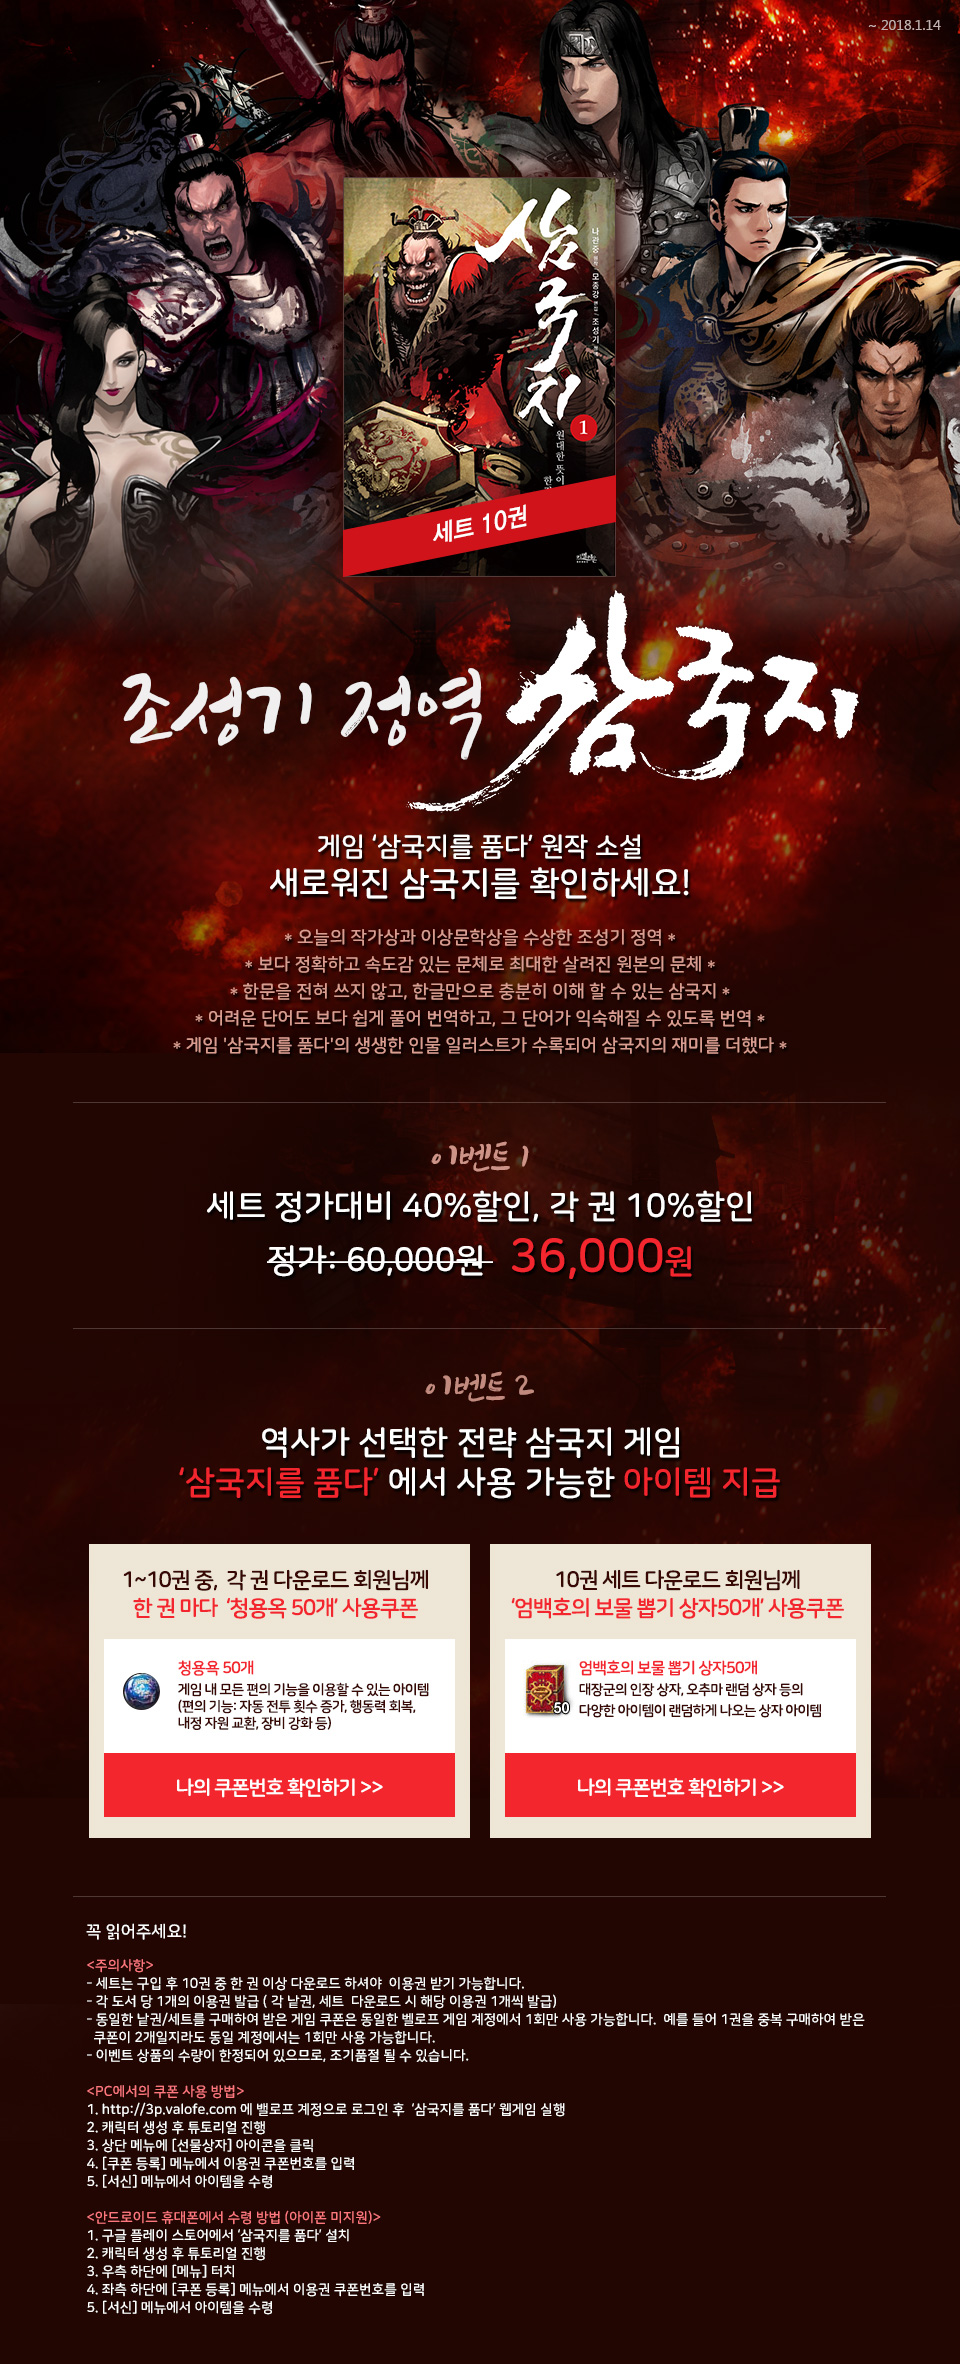 게임 '삼국지를 품다' 원작 소설 조성기 정역 『삼국지』